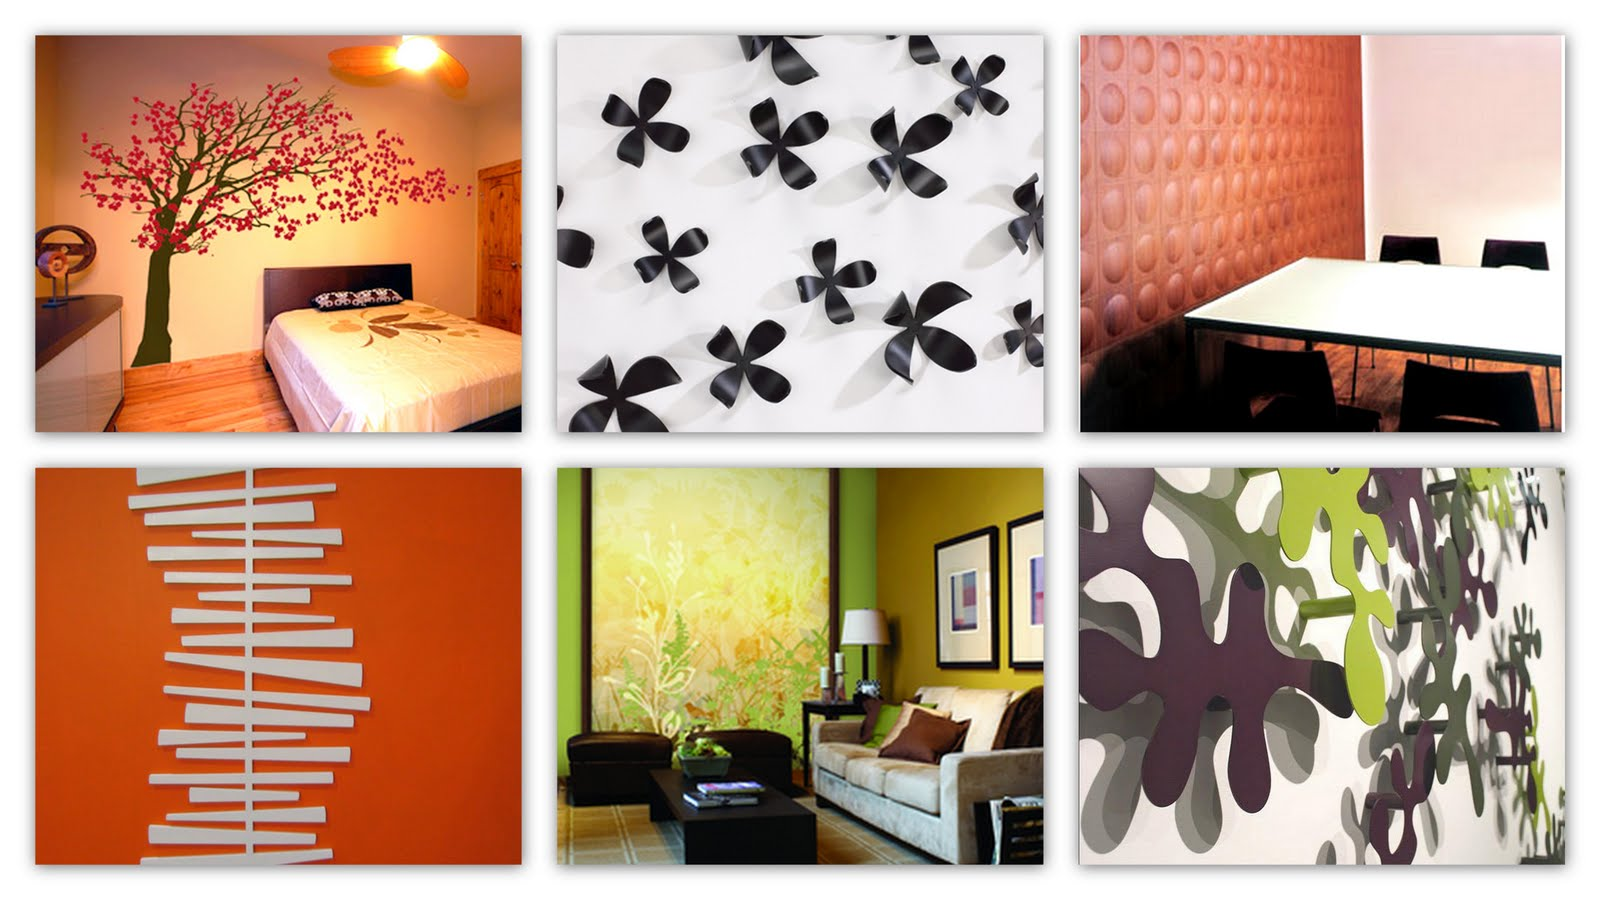 http://1.bp.blogspot.com/_HDQIfgAqtT8/S7QYdg2AqtI/AAAAAAAAA_8/0U_zRwxfb38/s1600/blank+wall+solutions.jpg